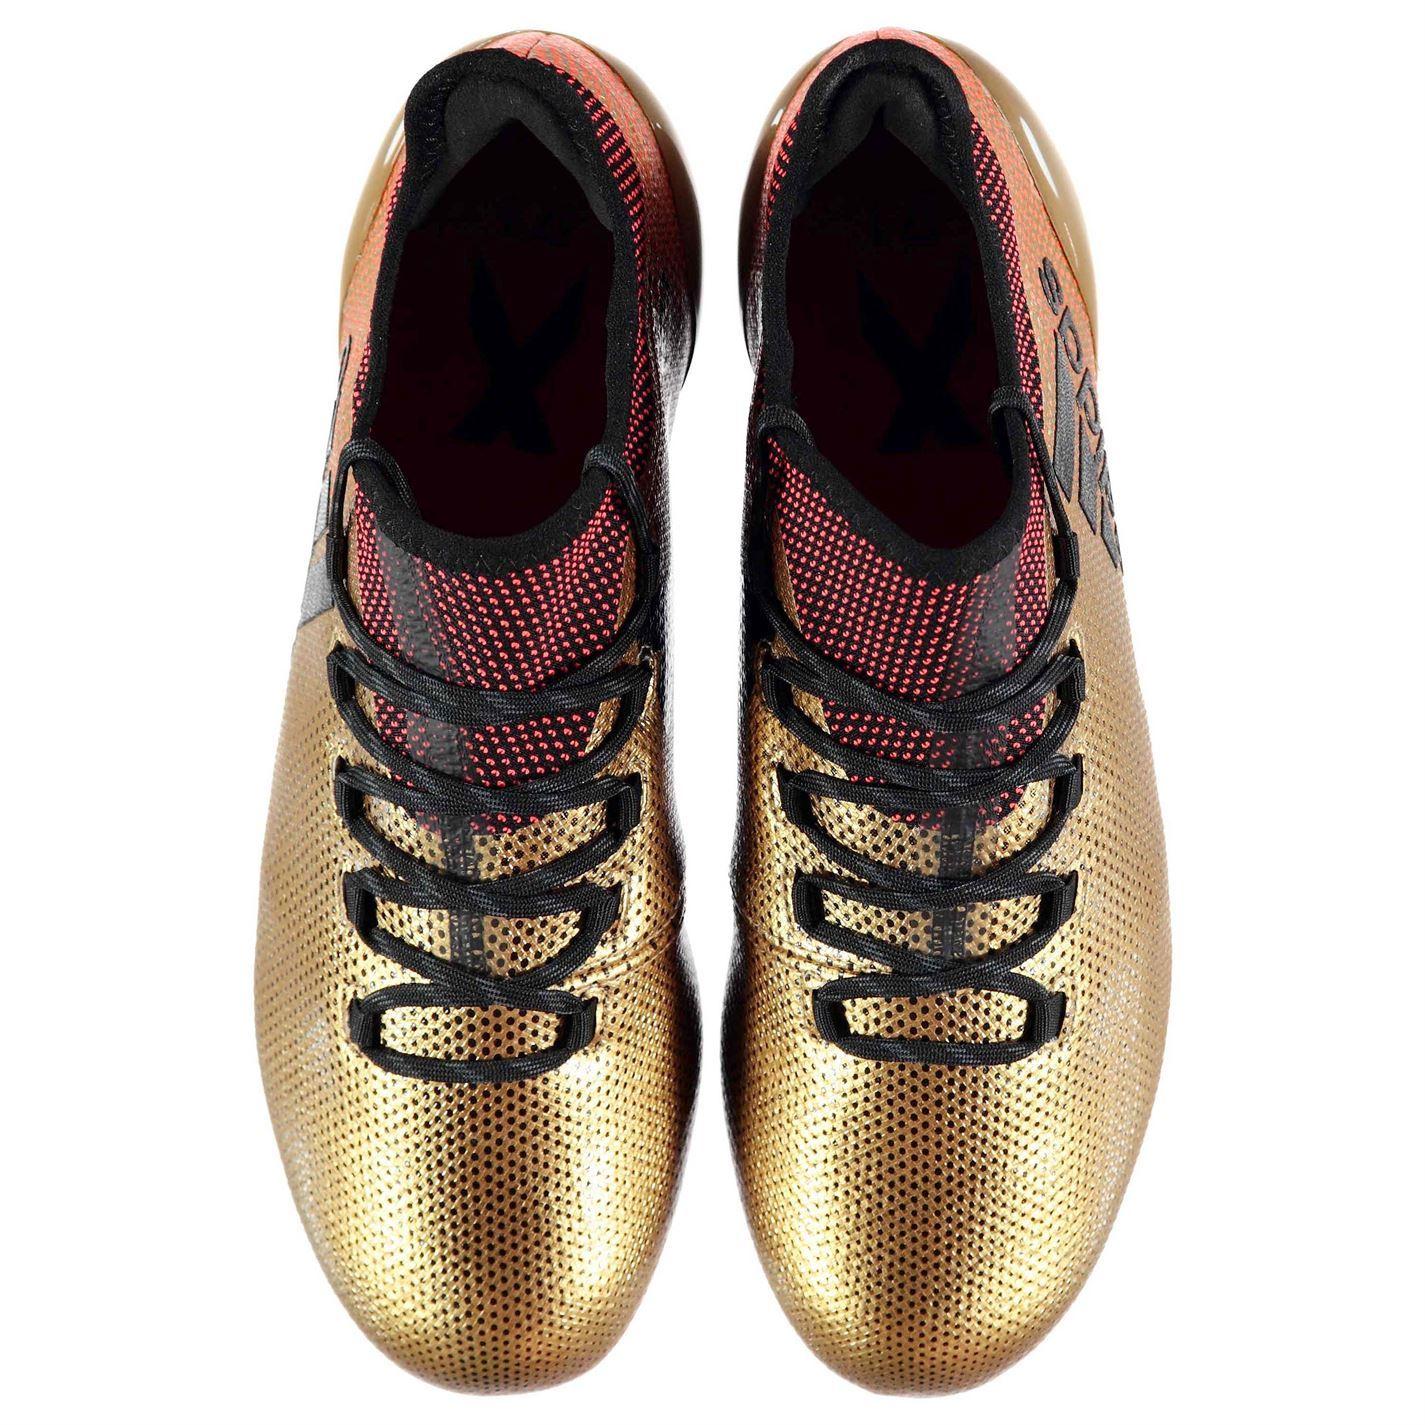 Dettagli su NUOVO con scatola adidas Predator 18.1 Fg. in pelle scarpe da calcio misura 8.5 Regno Unito. mostra il titolo originale